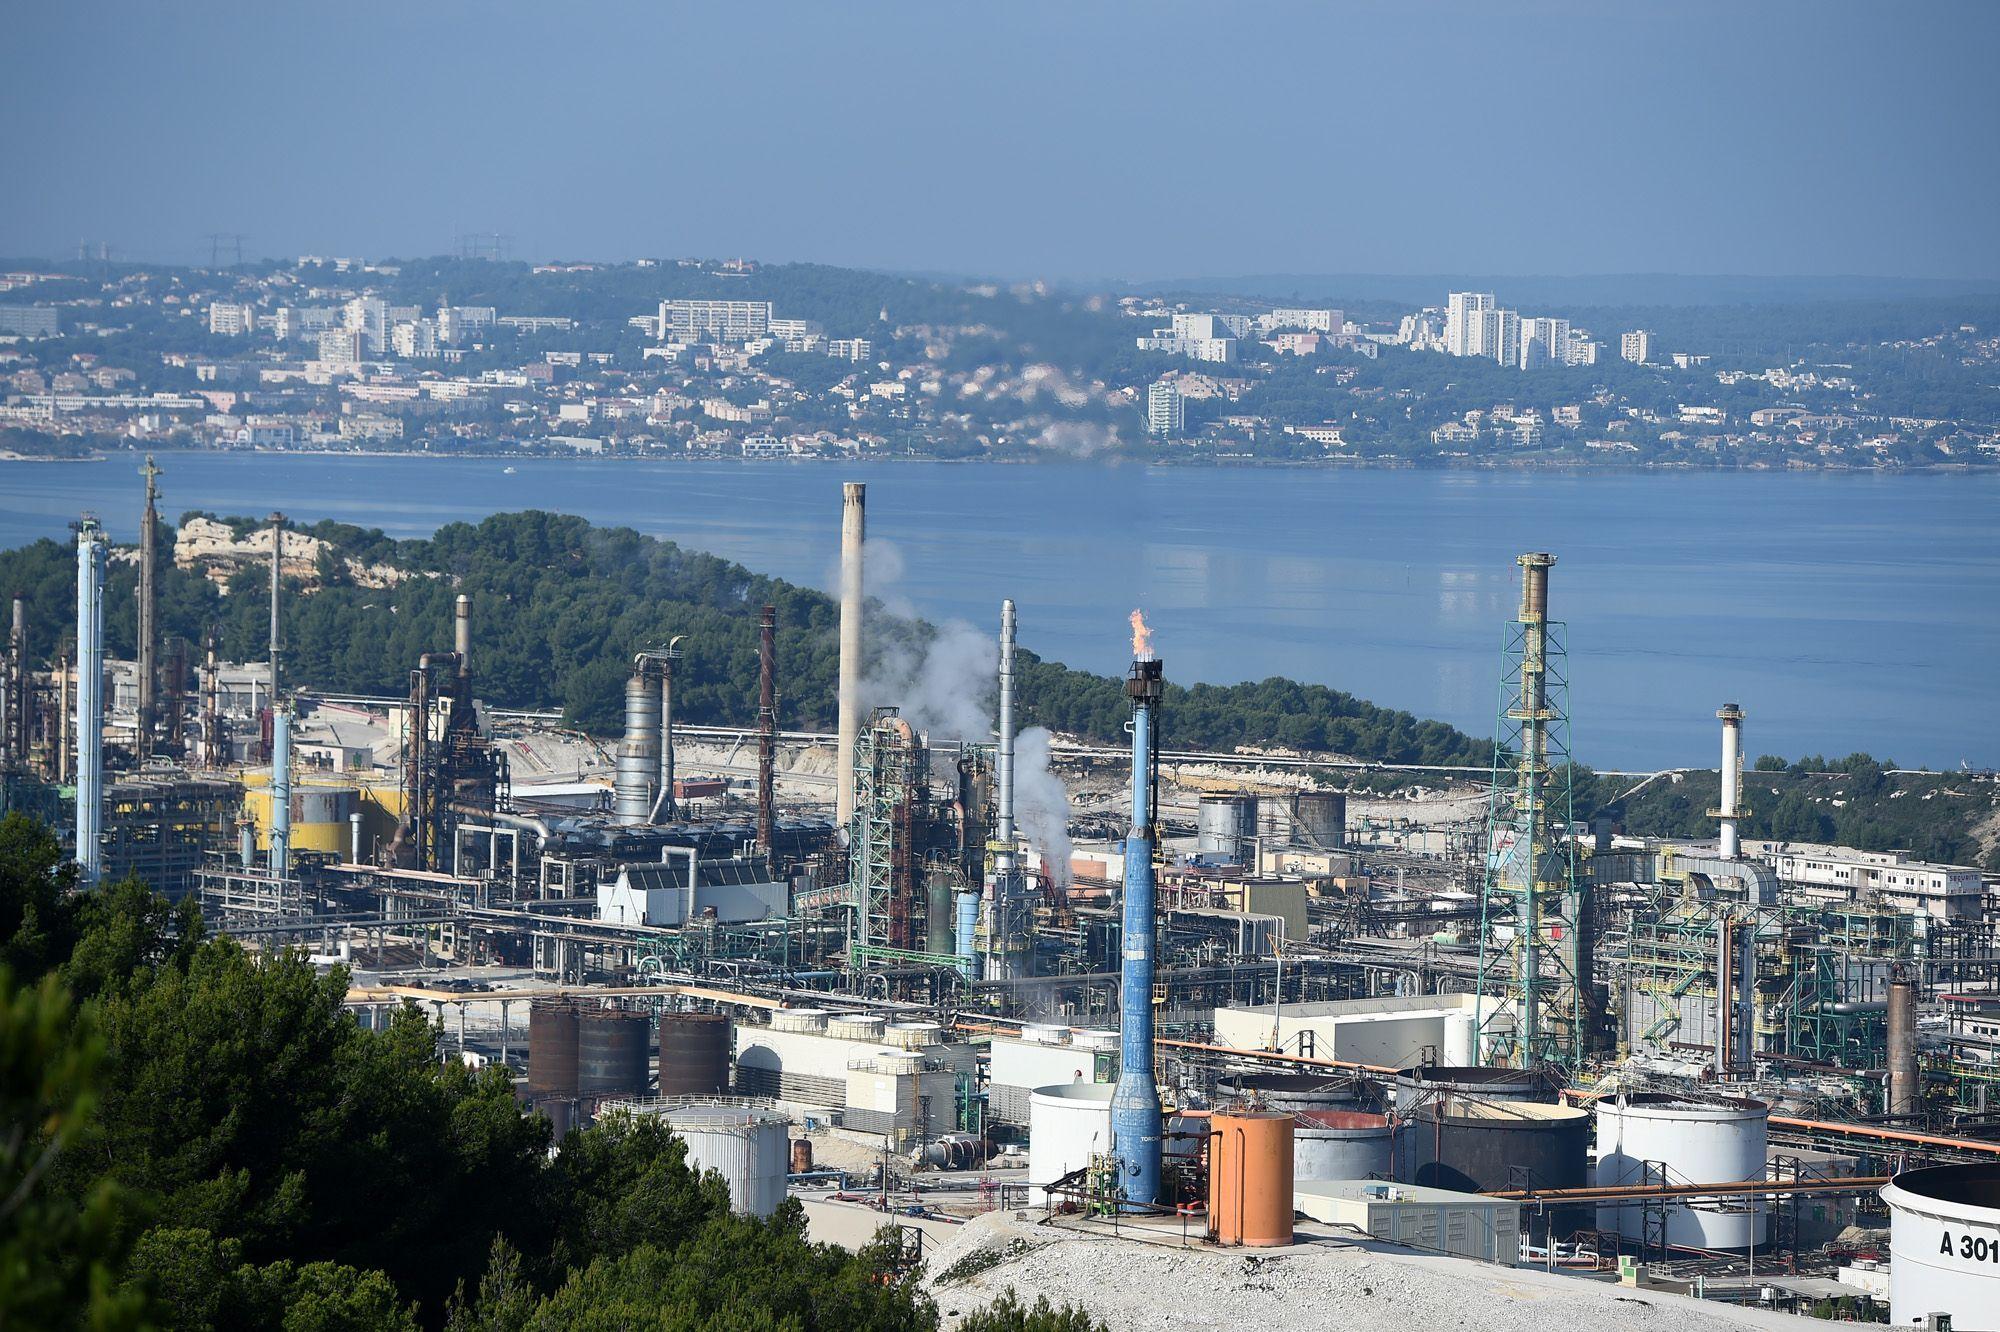 Greenpeace bloque la bioraffinerie de Total à La Mède pour lutter contre l'huile de palme